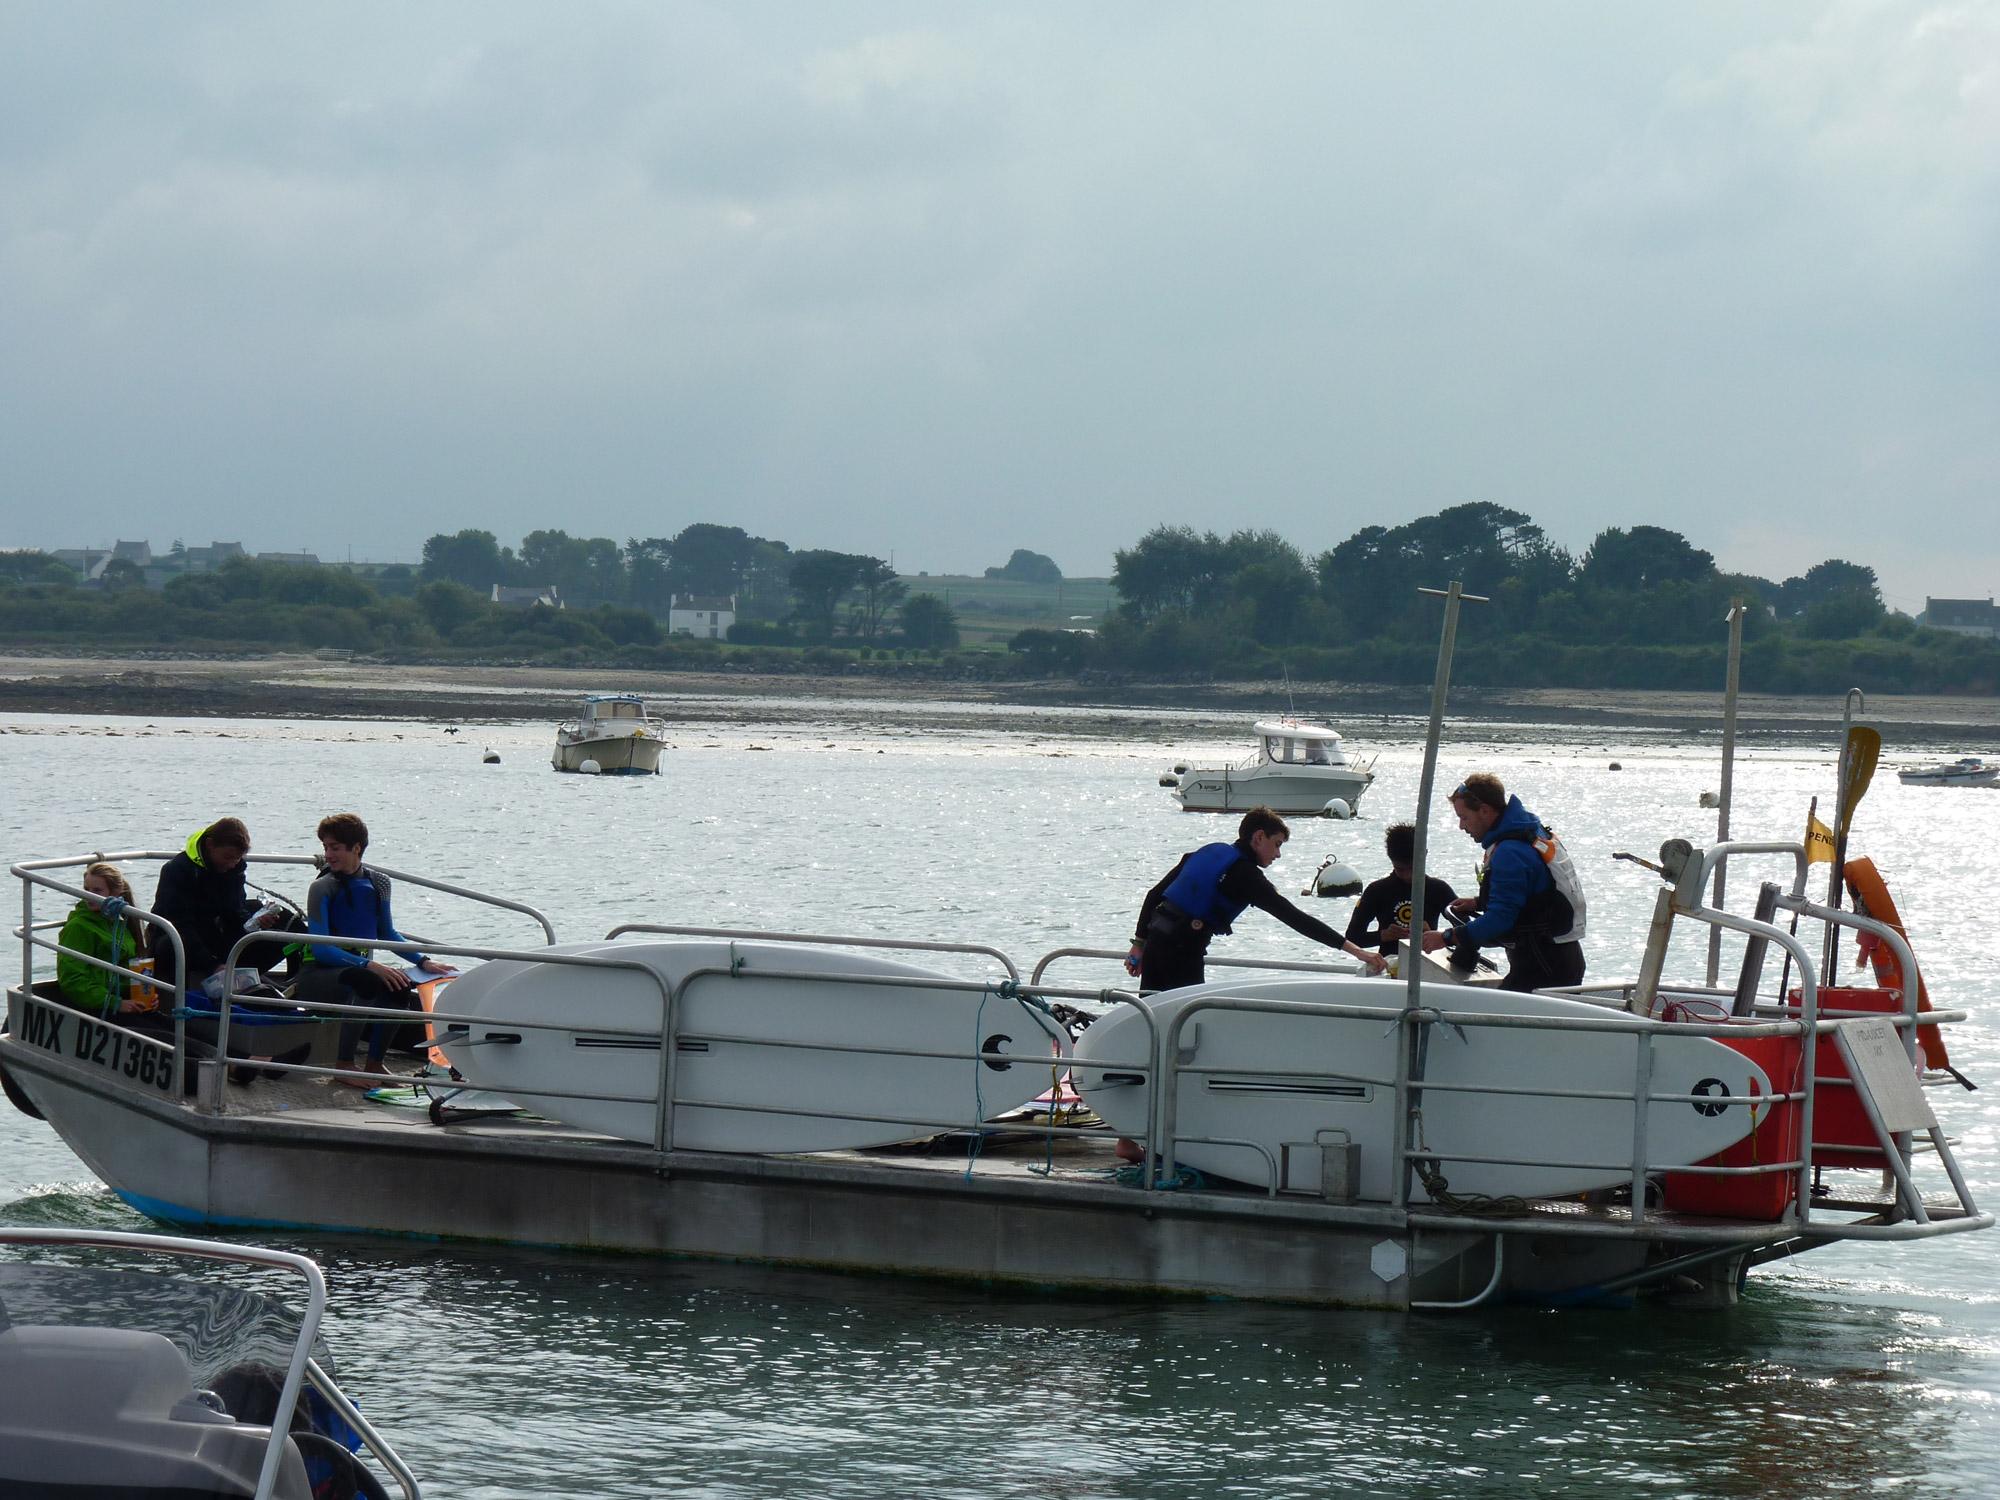 Samedi nautique - Pratique annuelle en planche à voile - Départ barge pour navigation à l'abri de l'île Callot